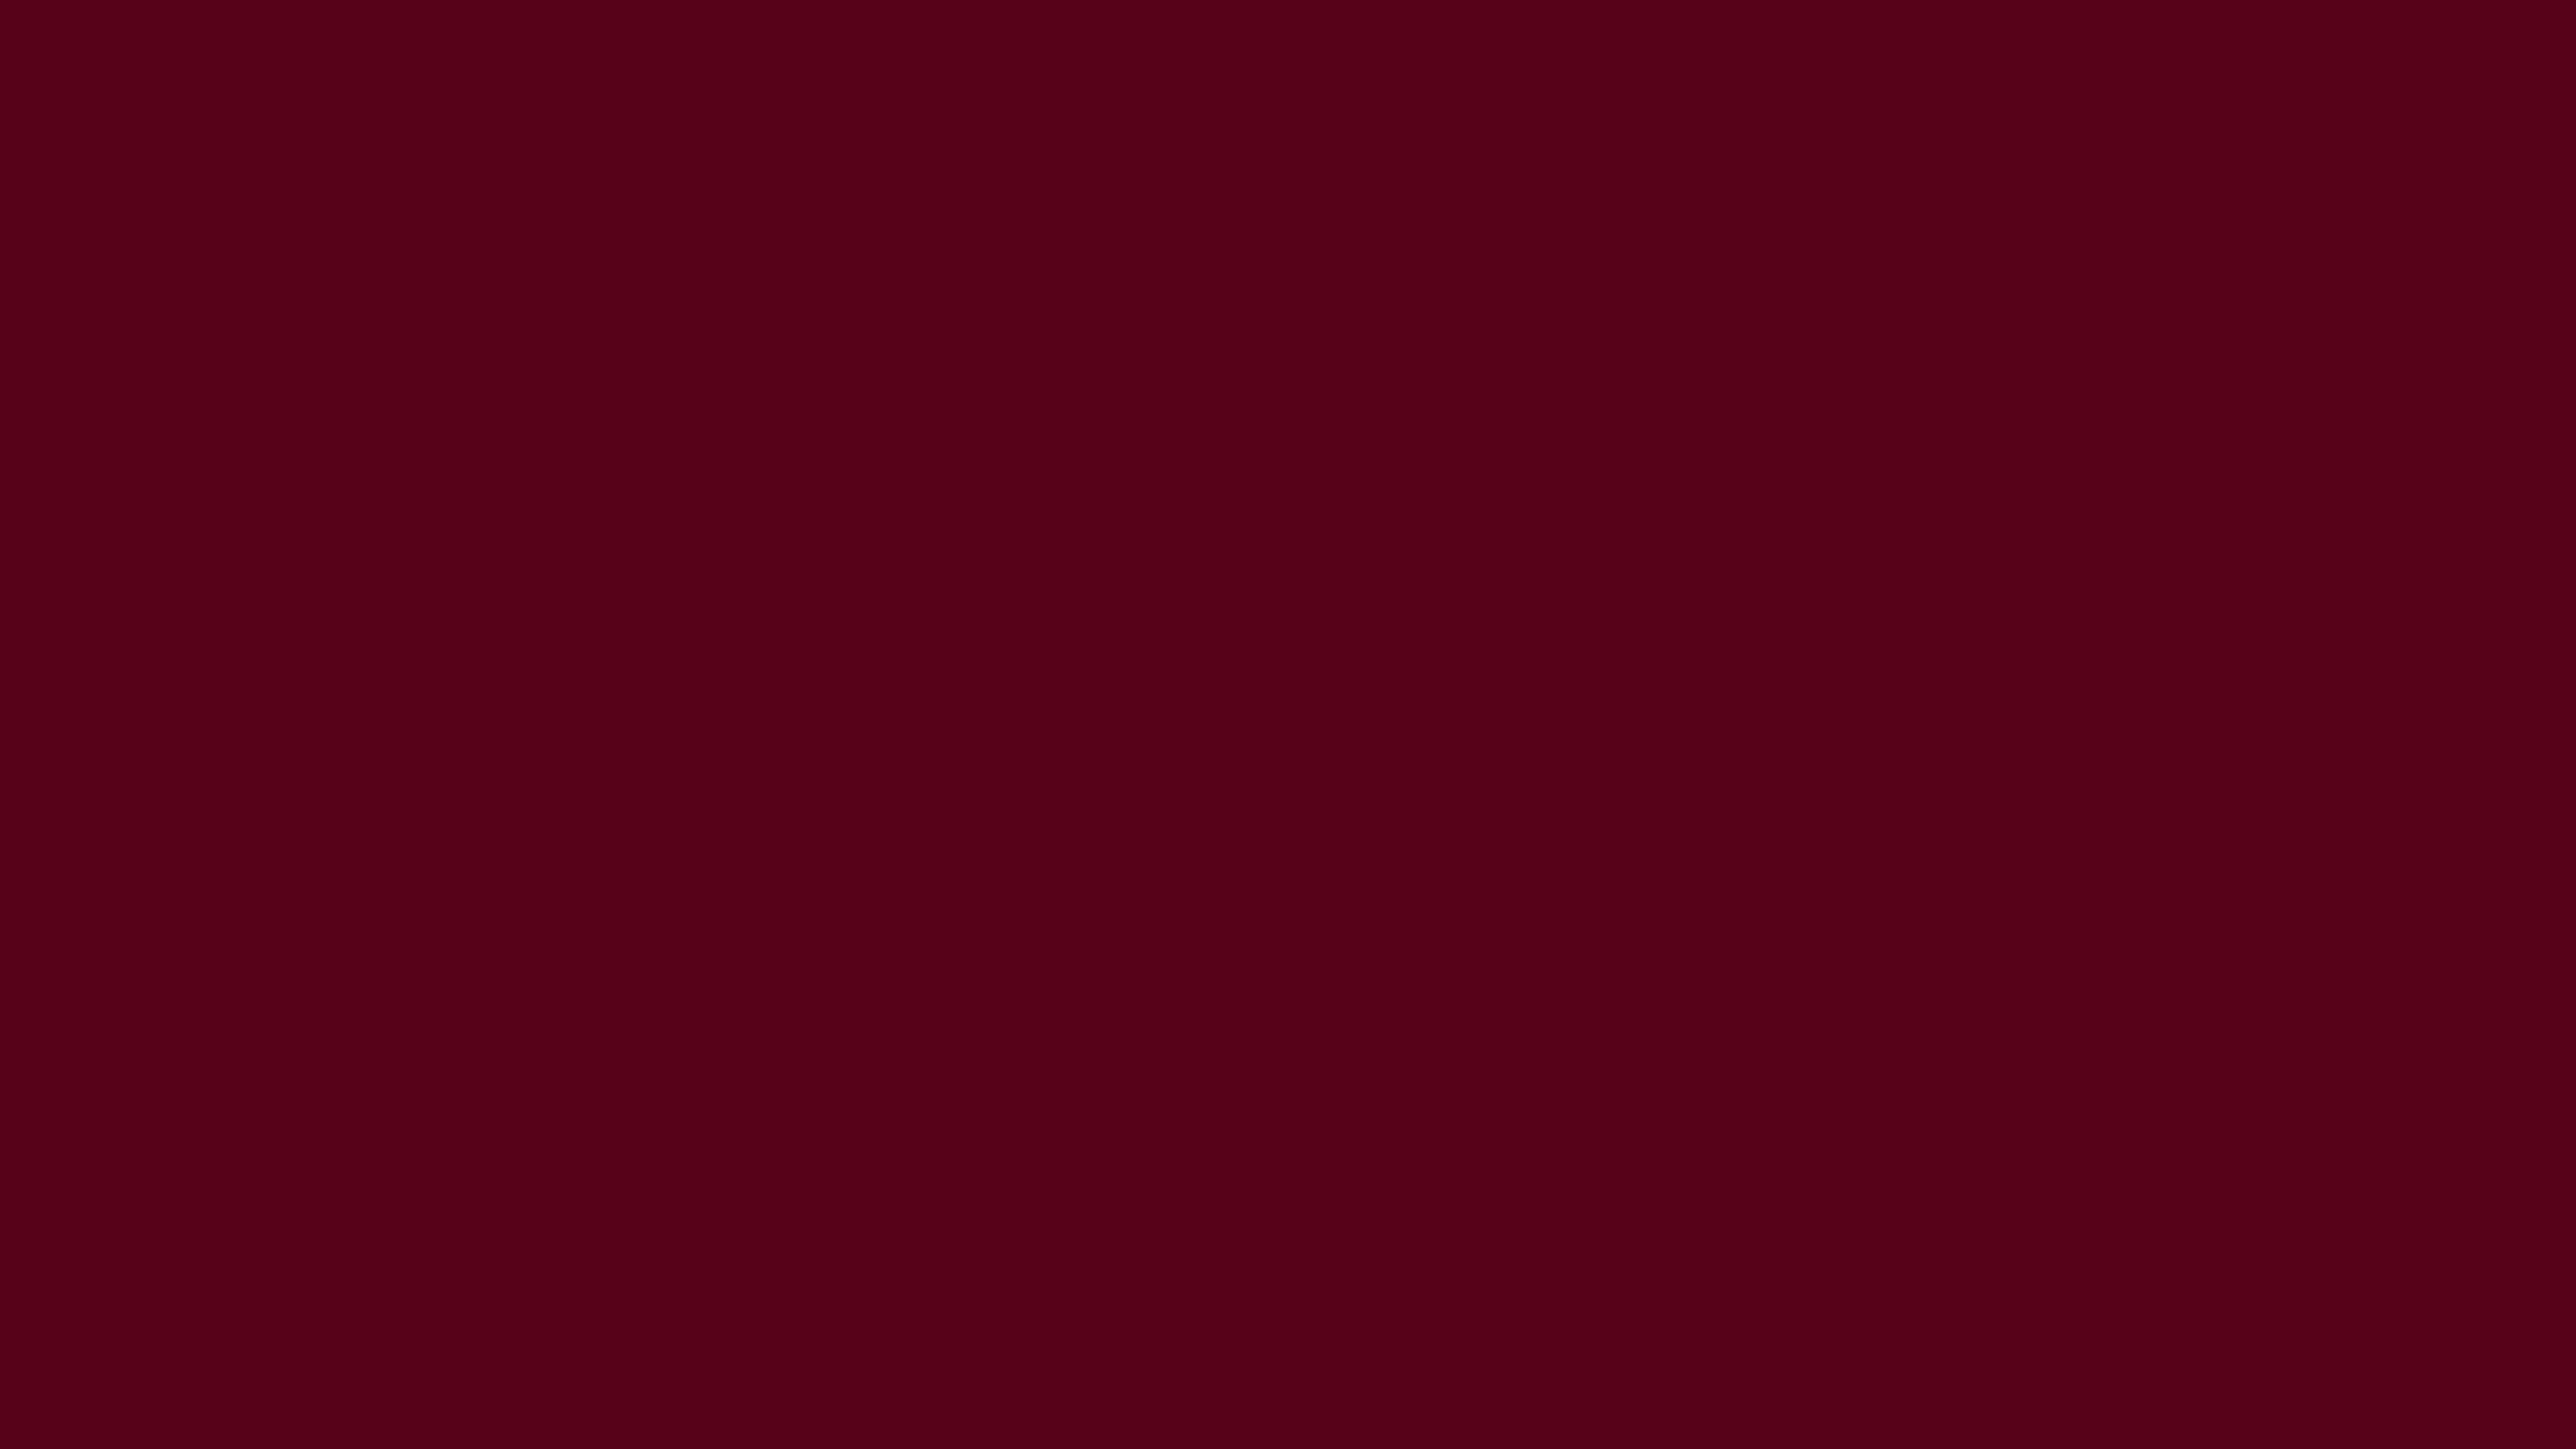 5120x2880 Dark Scarlet Solid Color Background